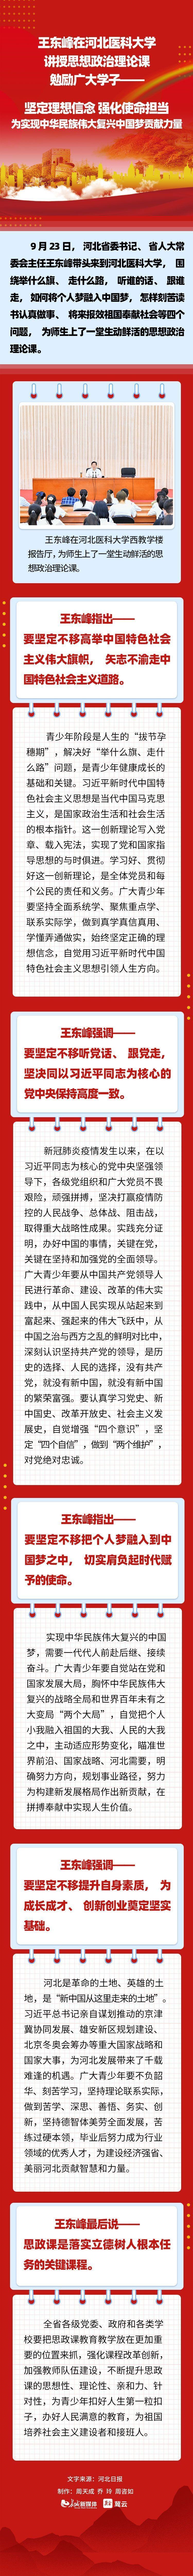 冀云图解|王东峰带头进大学讲思政课,这样勉励广大学子